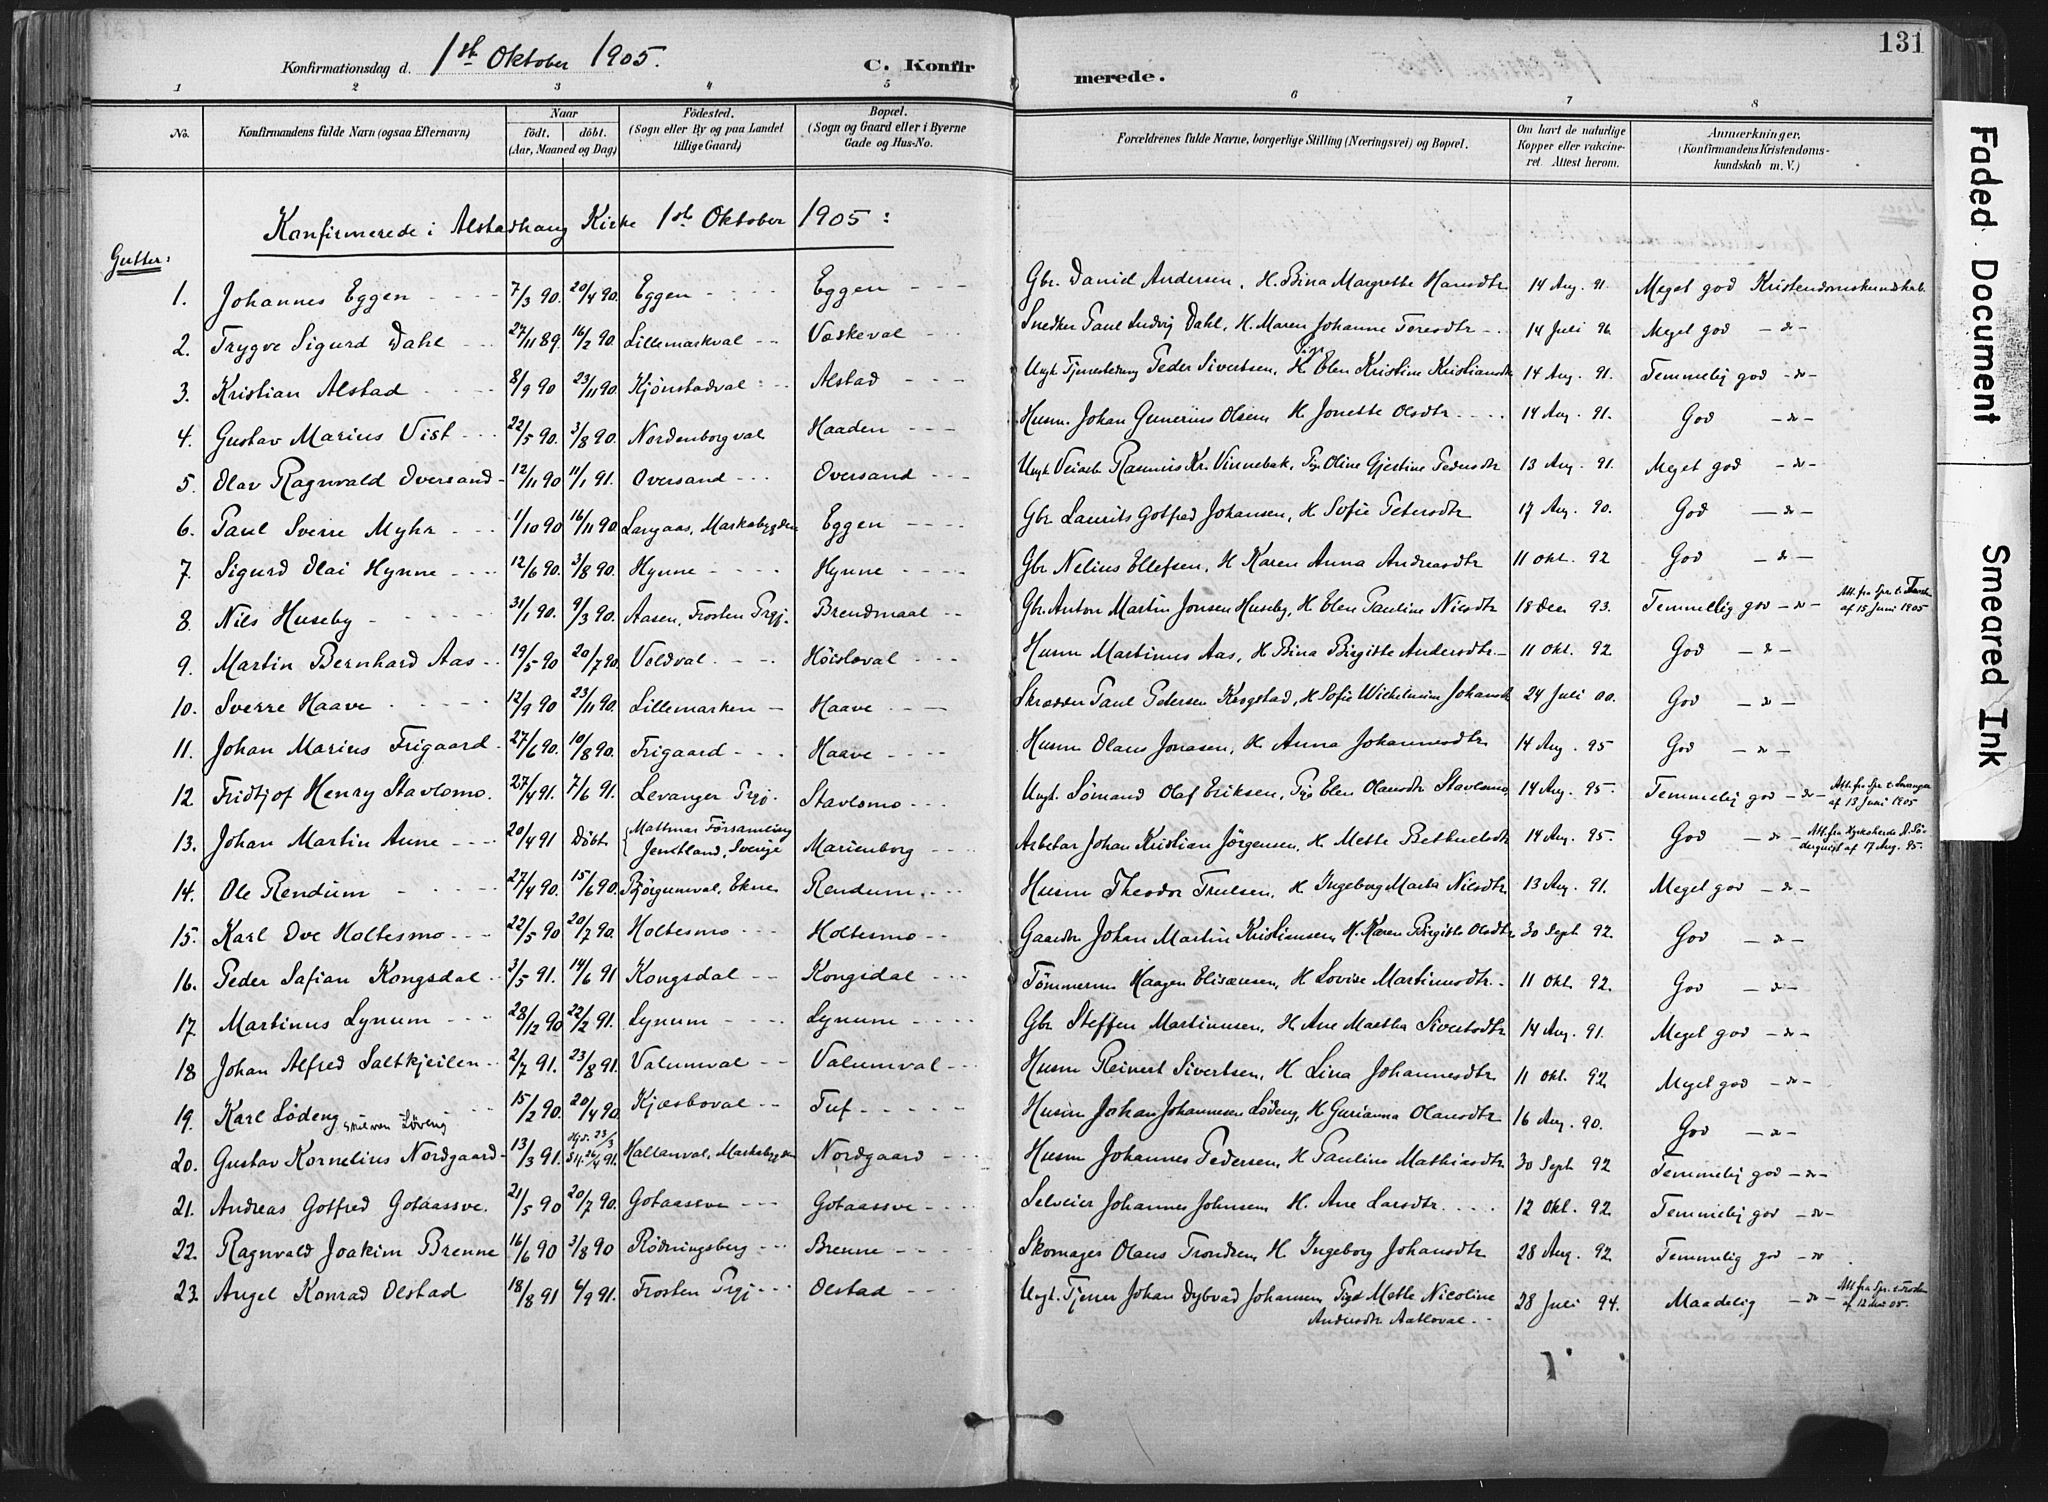 SAT, Ministerialprotokoller, klokkerbøker og fødselsregistre - Nord-Trøndelag, 717/L0162: Ministerialbok nr. 717A12, 1898-1923, s. 131